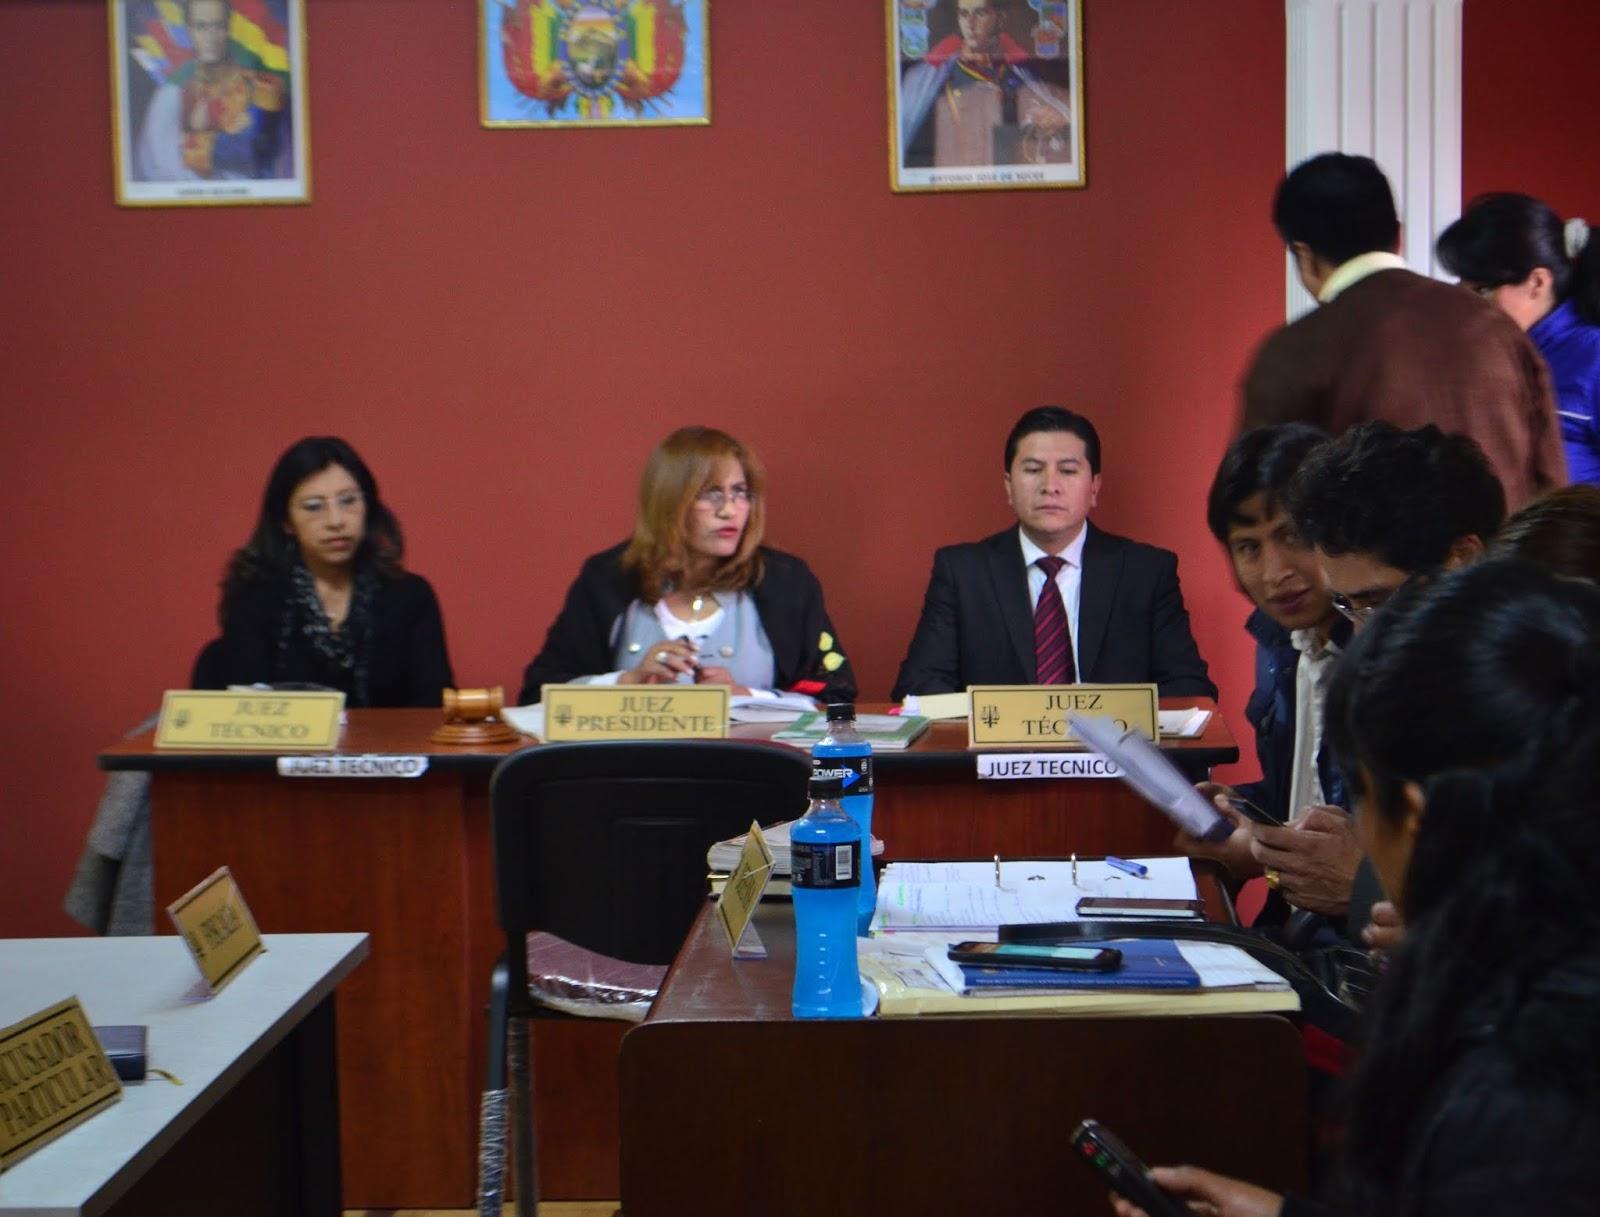 Audiencia del Tribunal Décimo de Sentencia de La Paz / CARLOS QUISBERT